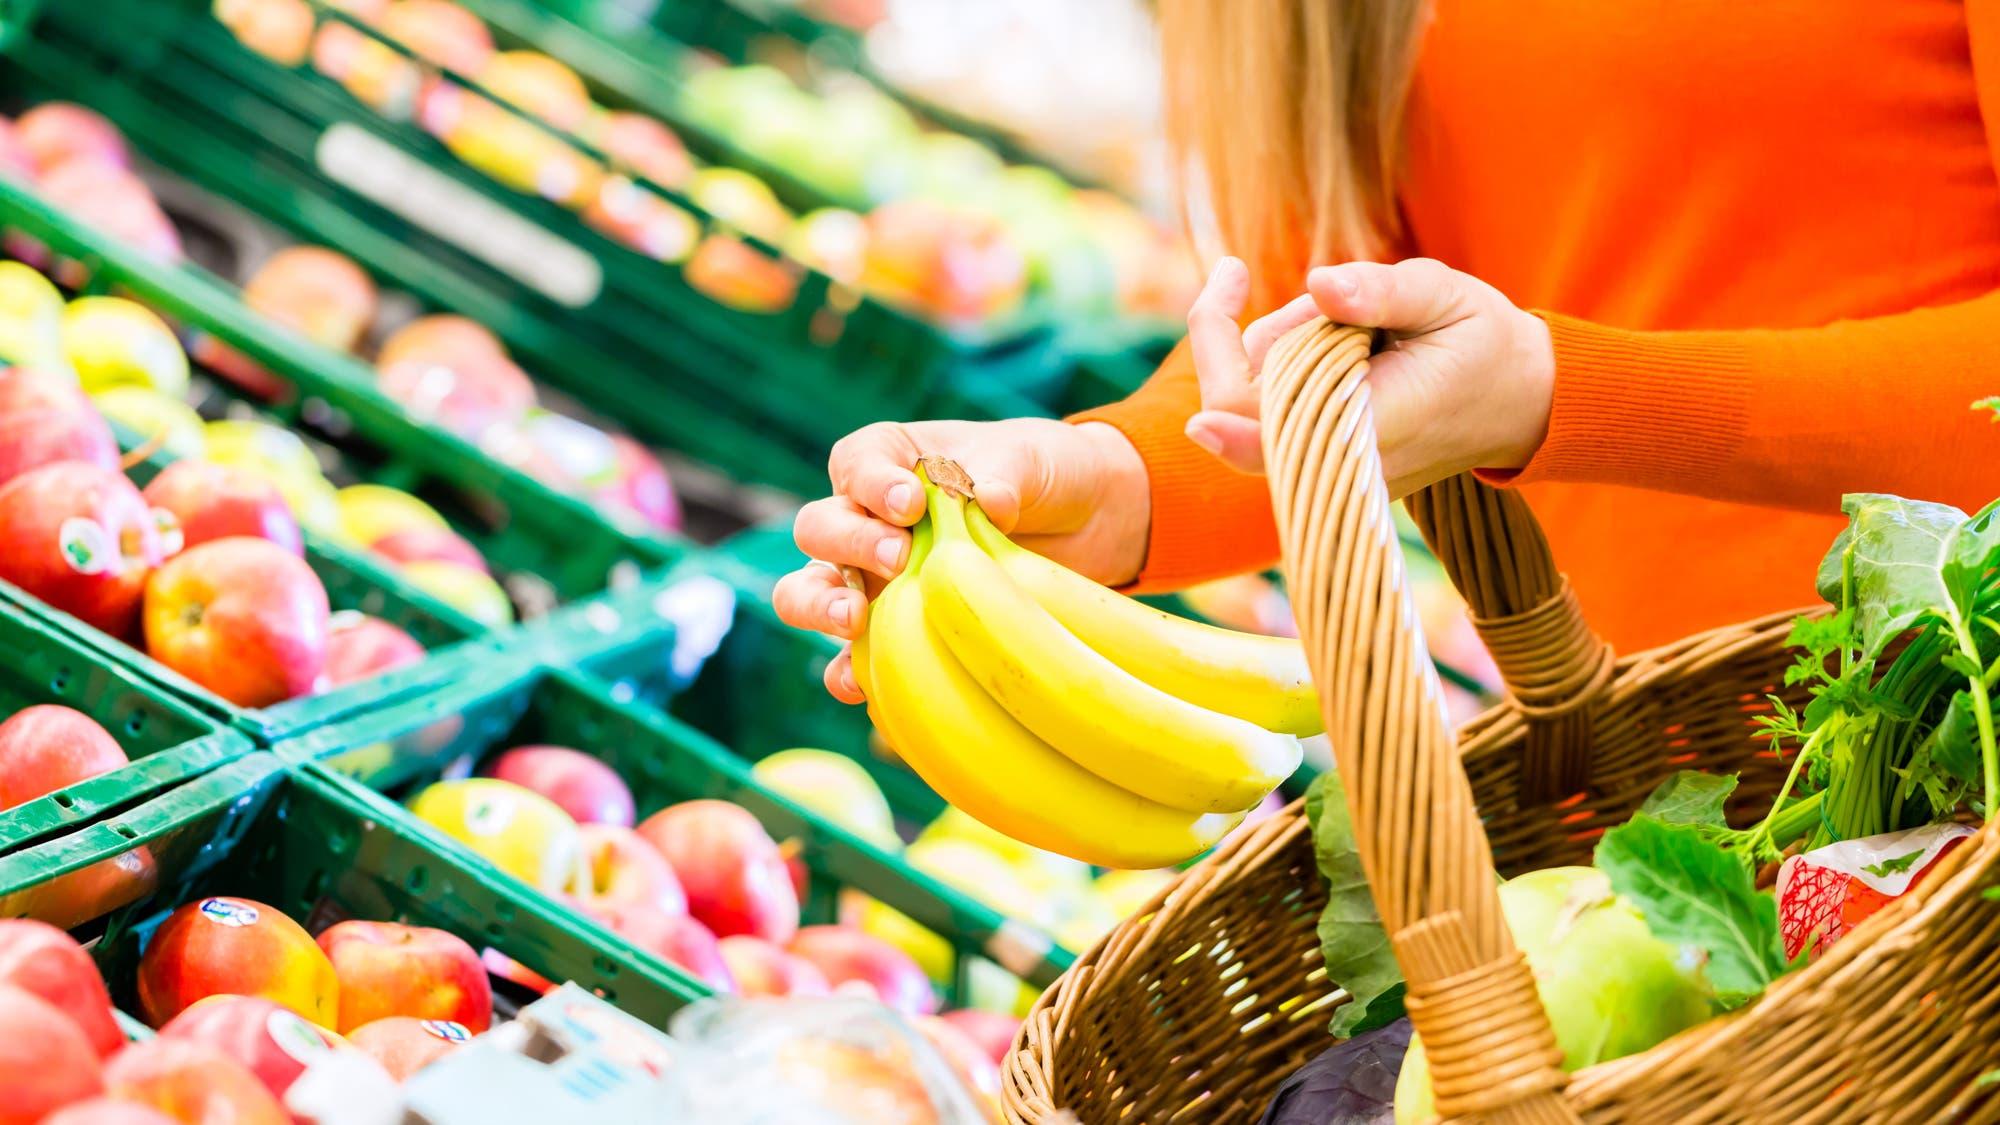 663dcdfc3 El fin de las bolsas de plástico: 10 alternativas para hacer las compras -  LA NACION